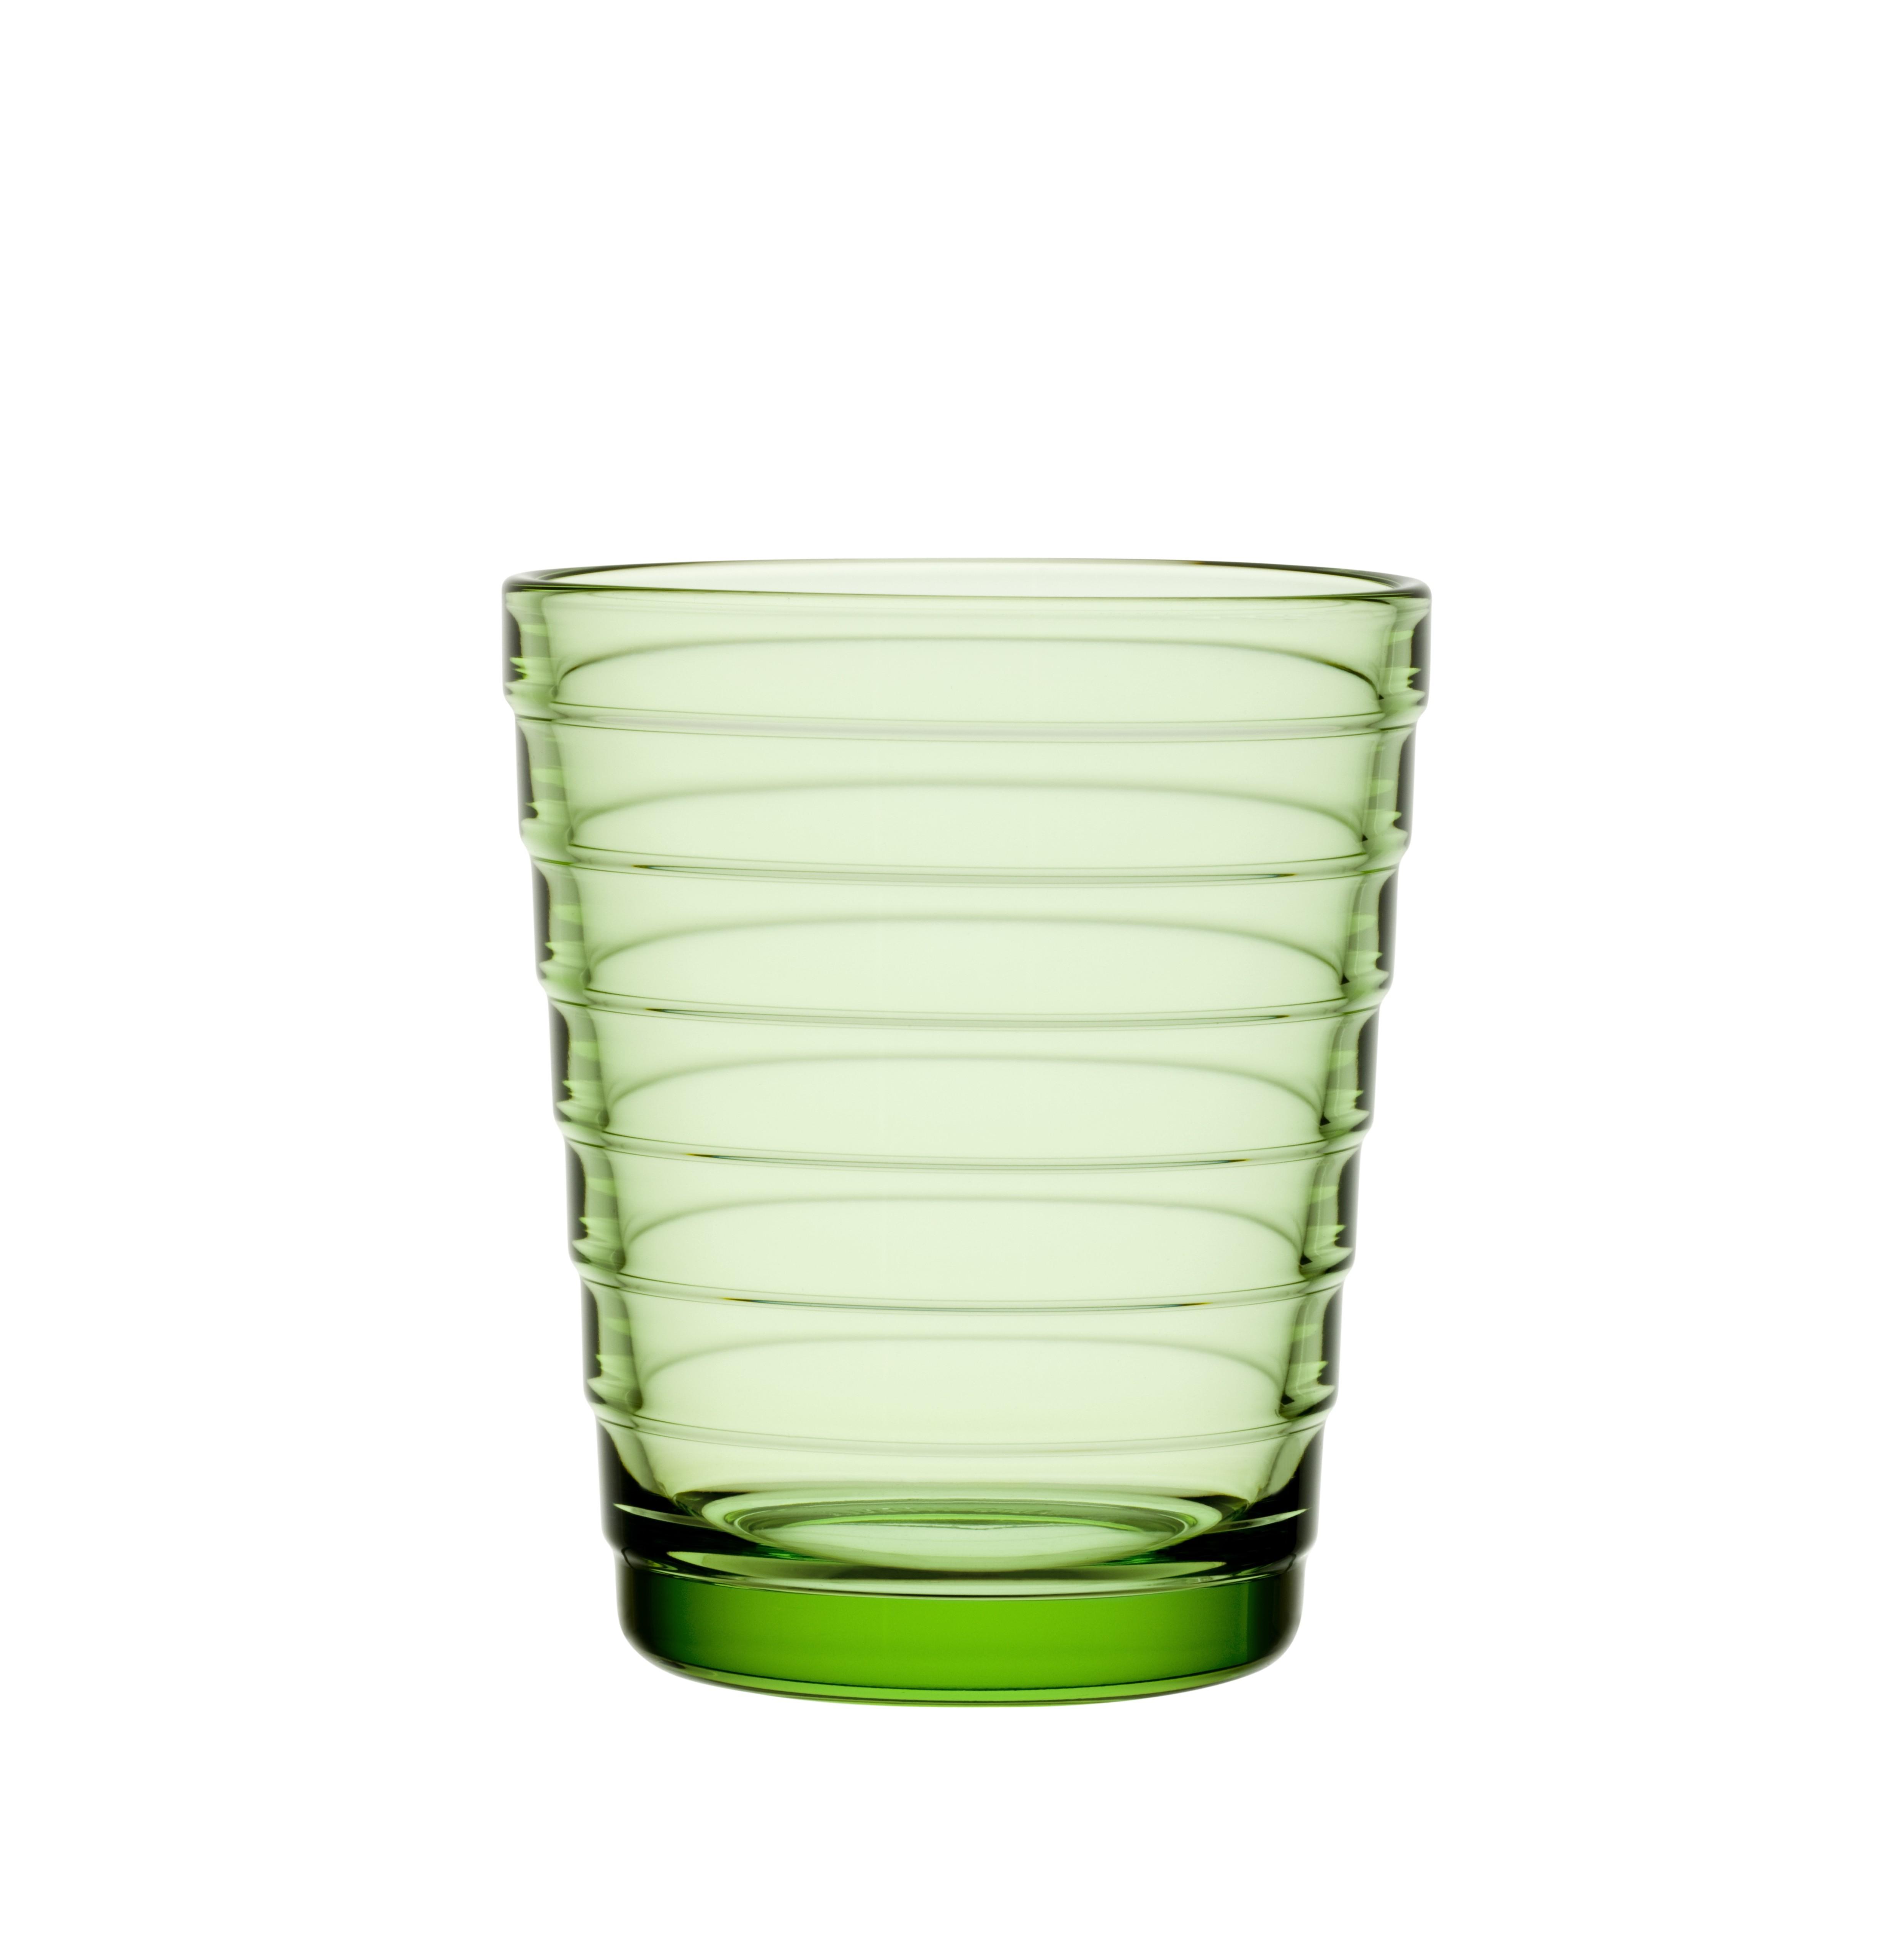 Стакан Aino Aalto (2 шт)Стаканы<br>Простота, компактность хранения и универсальность – ключеные характеристики посуды серии Aino Aalto. Этот необычный дизайн раскрывает всю красоту разводов на воде от упавшего камешка. Дизайн не менялся с 1932 года.<br><br>Material: Фарфор<br>Высота см: 8